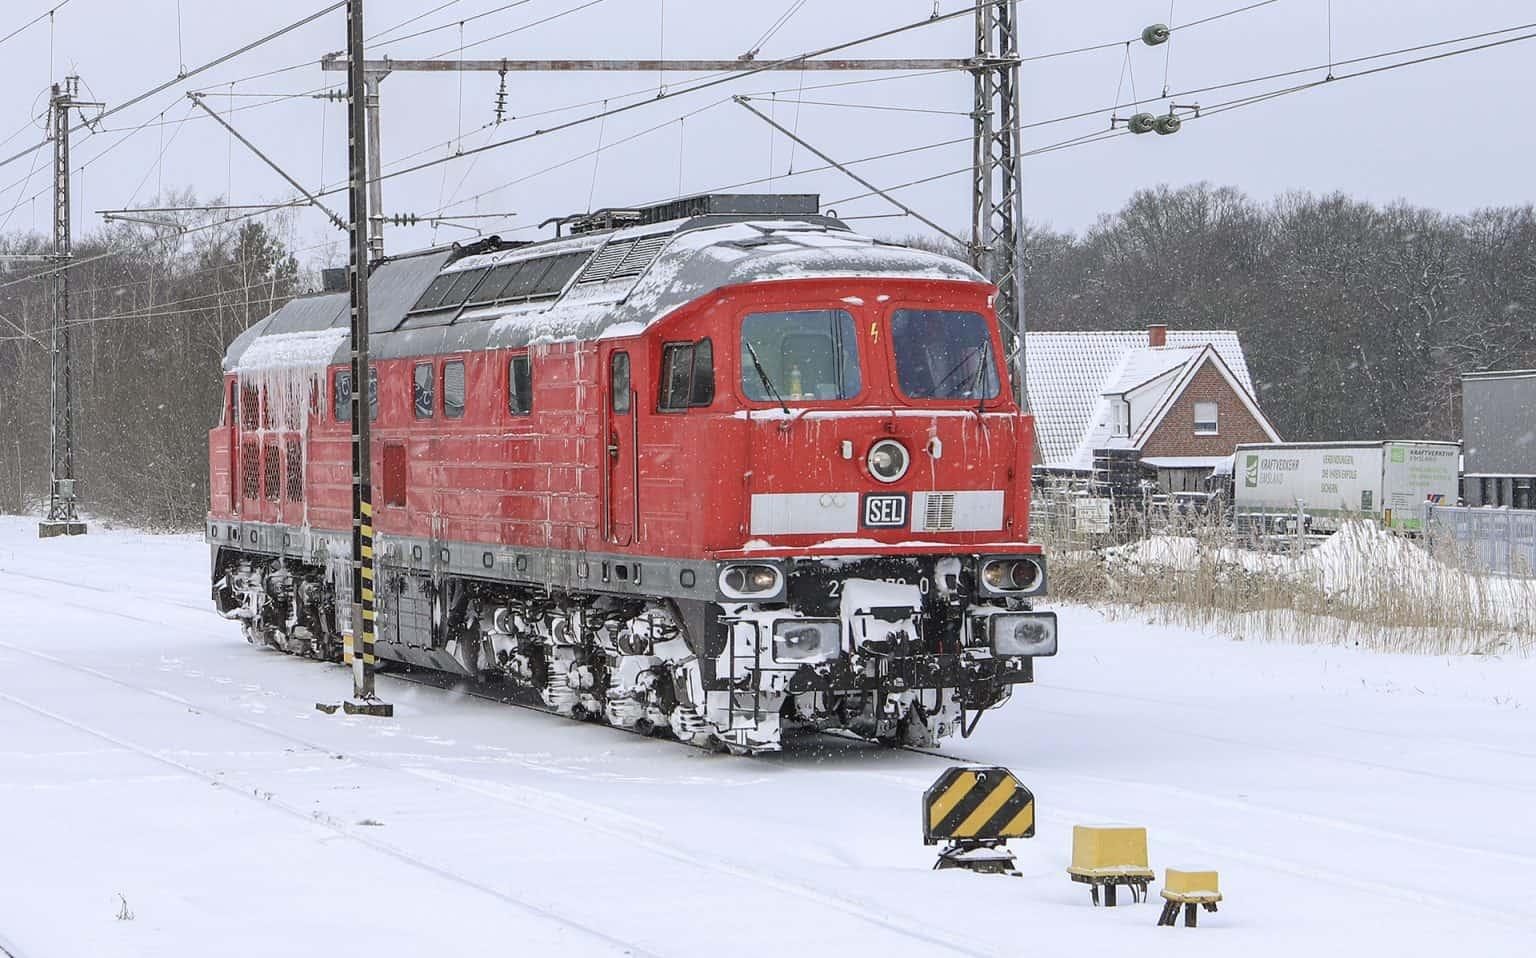 SEL 234 278-0 na inspectierit uit Salzbergen in Bad Bentheim, dinsdag 9 februari 2021. Zondag viel er veel sneeuw. Meeste treinen vielen daarna uit_